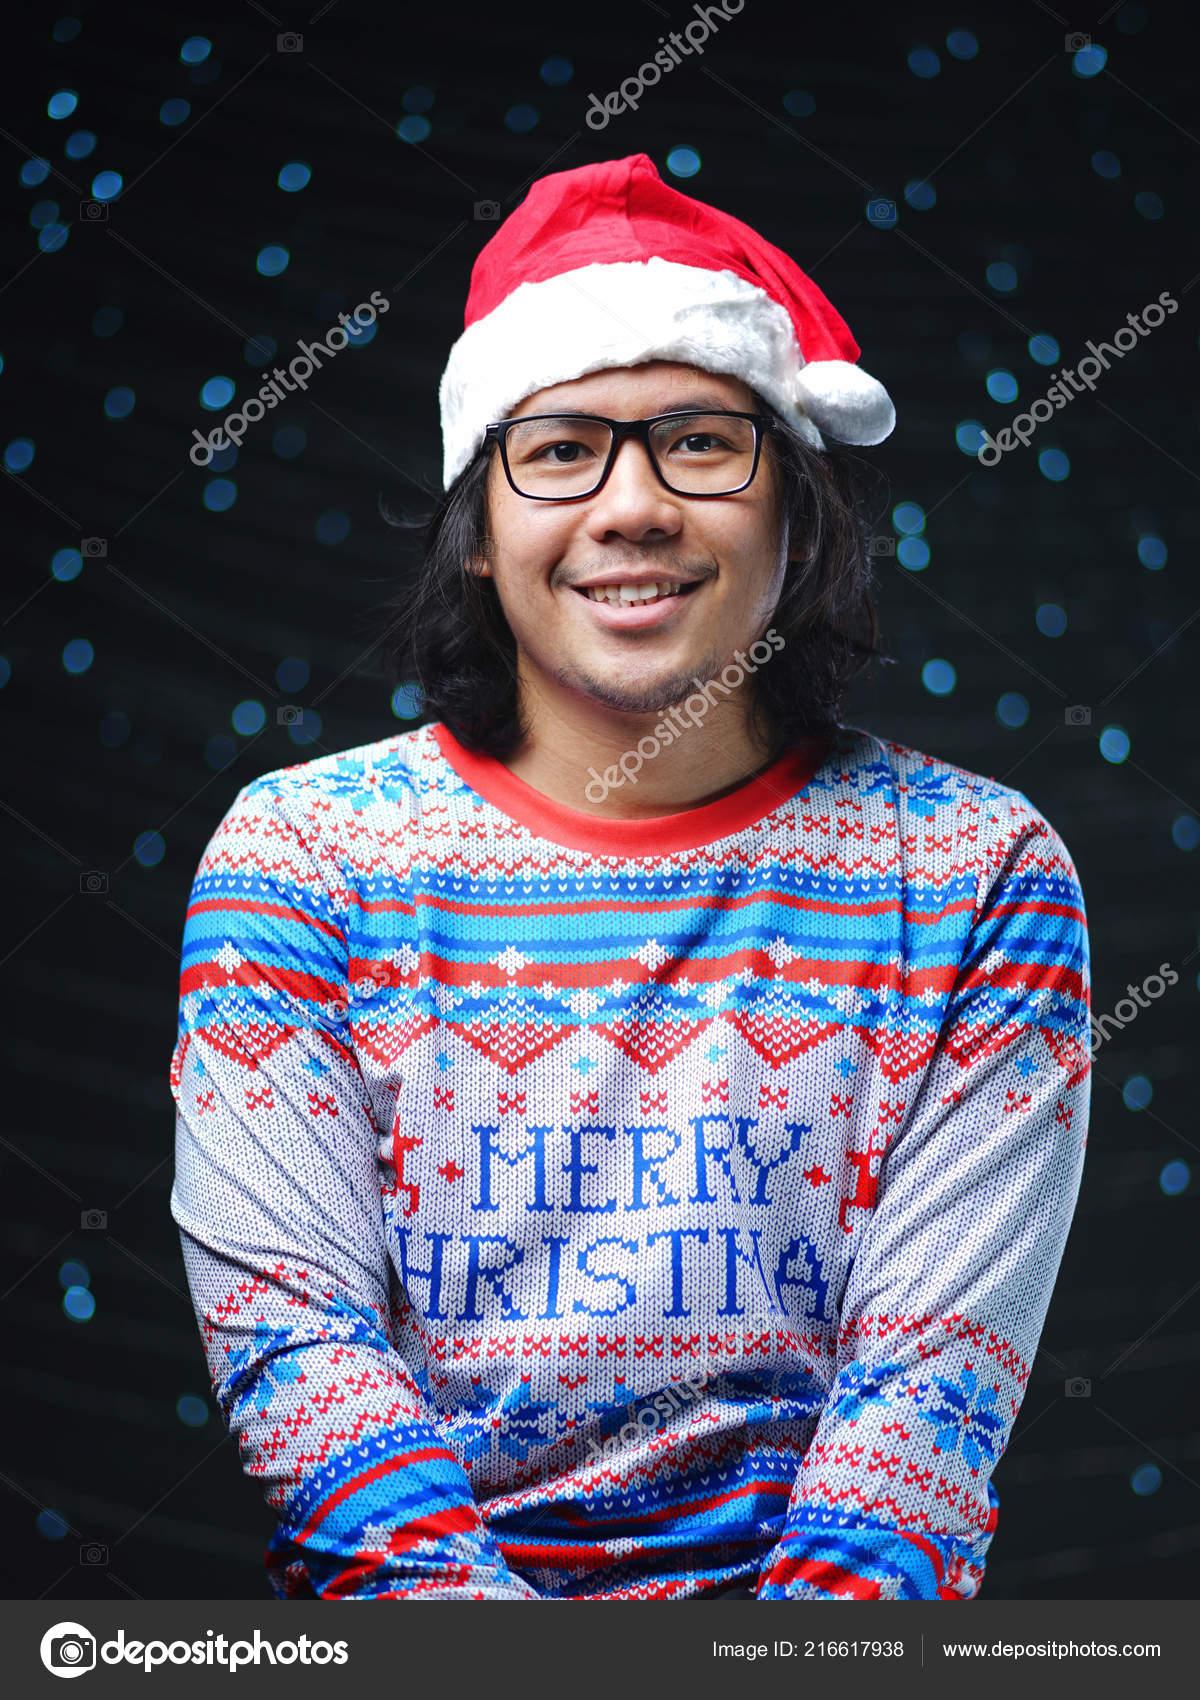 67a04eea6a569 Asiatico Con Sombrero Santa Feliz Navidad Suéter — Fotos de Stock ...